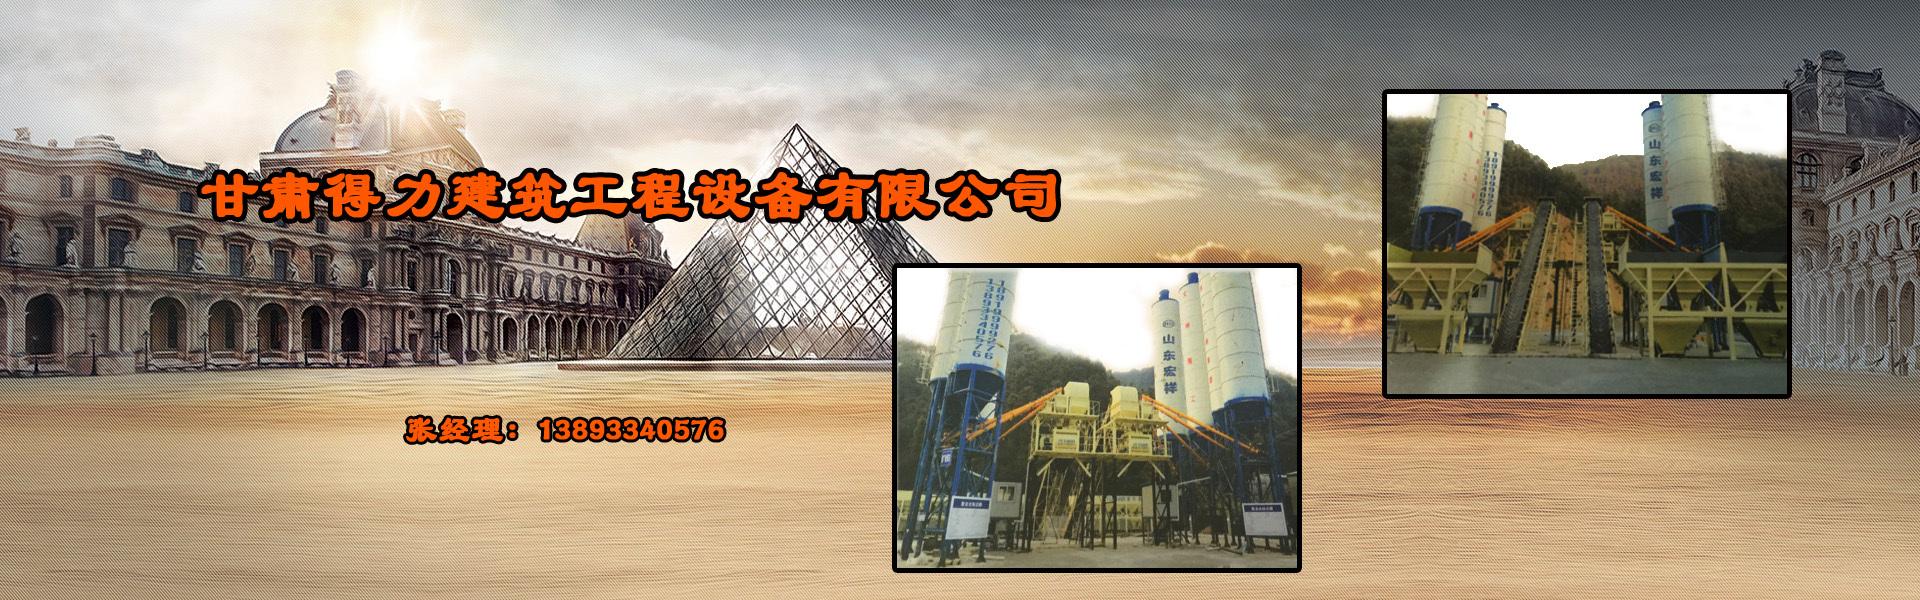 日本免费视频在线观看